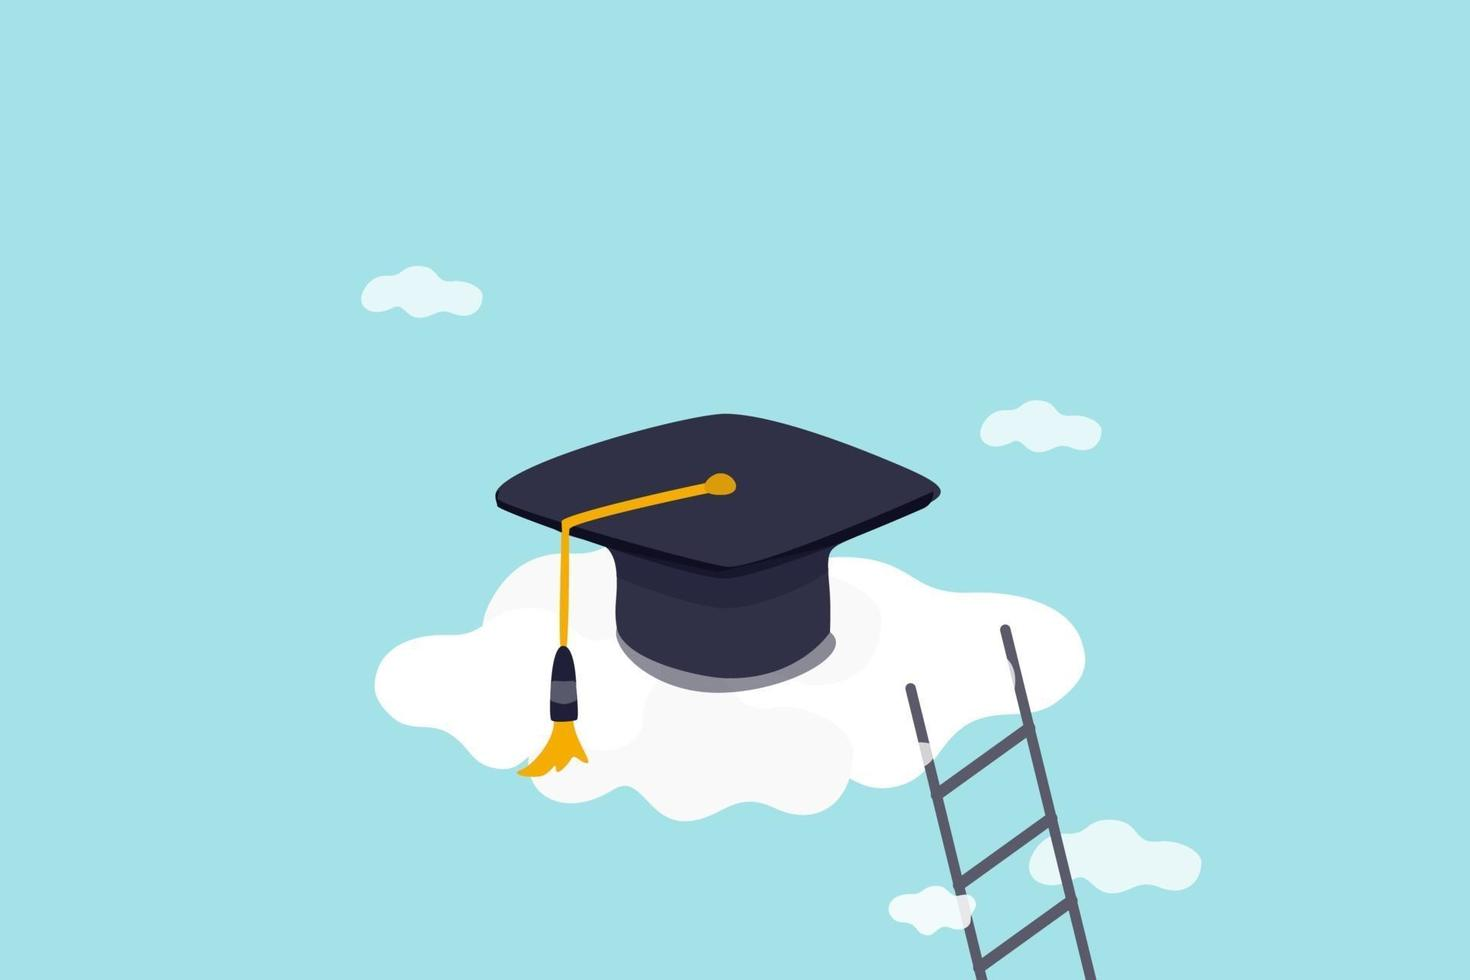 hoog onderwijs, kosten en uitgaven om het concept van het hoge opleidingsonderwijs af te studeren, afstudeerpet op hoge wolk met ladder. vector